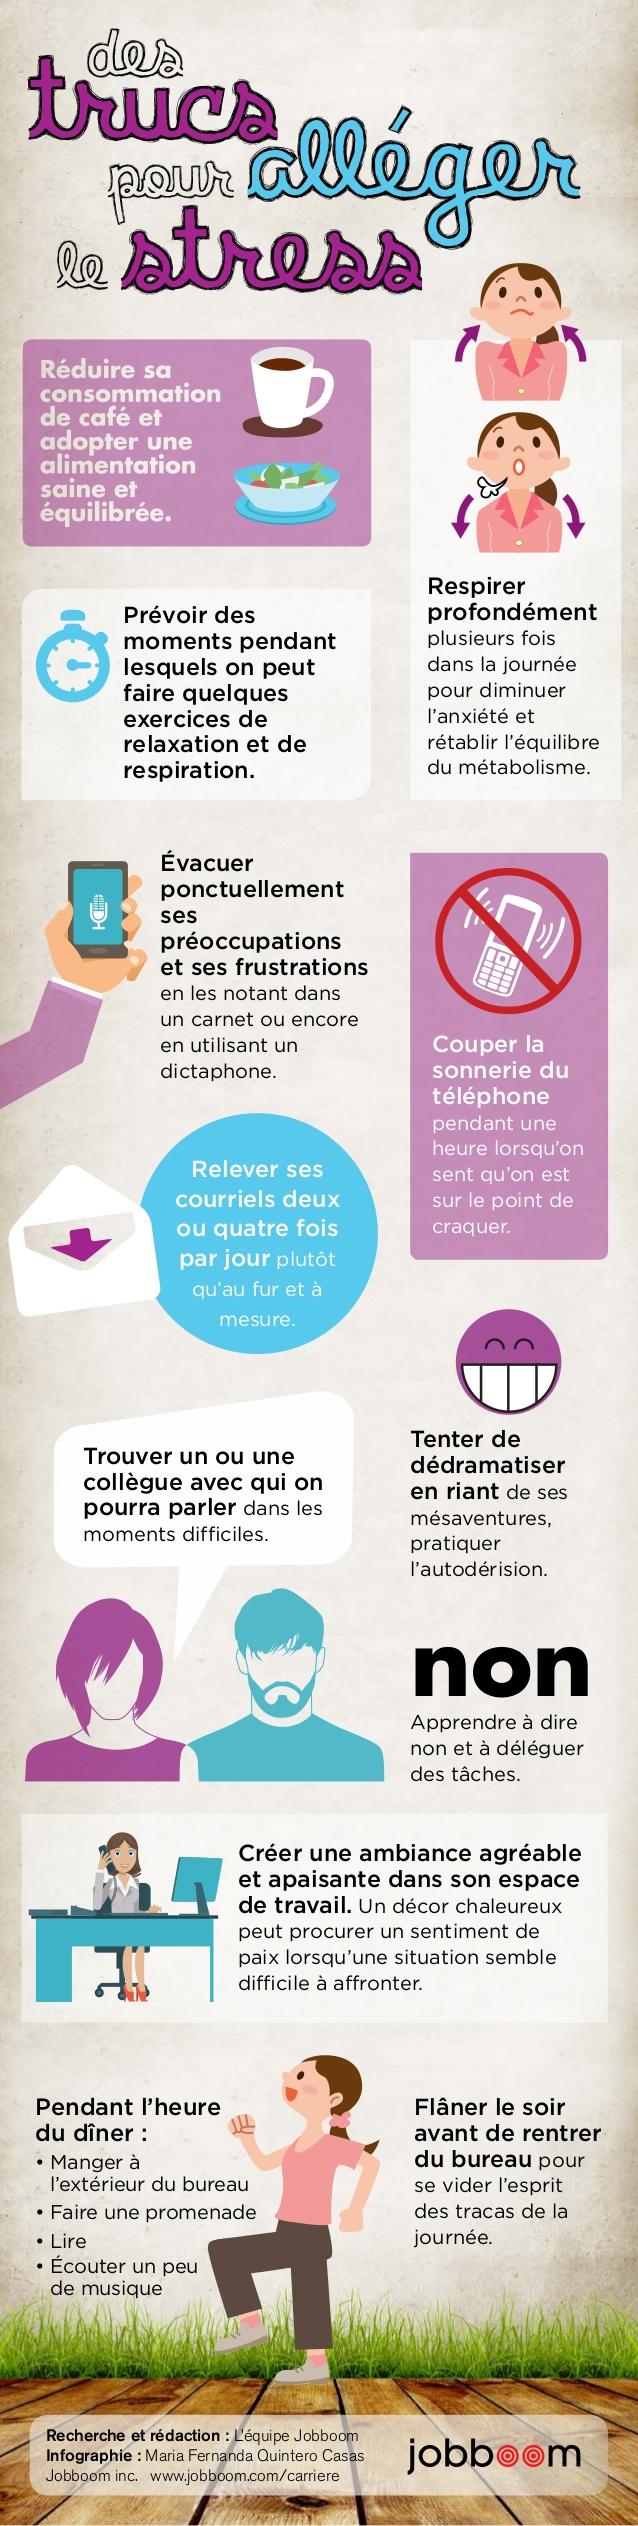 Infographie : des trucs pour alléger le stress